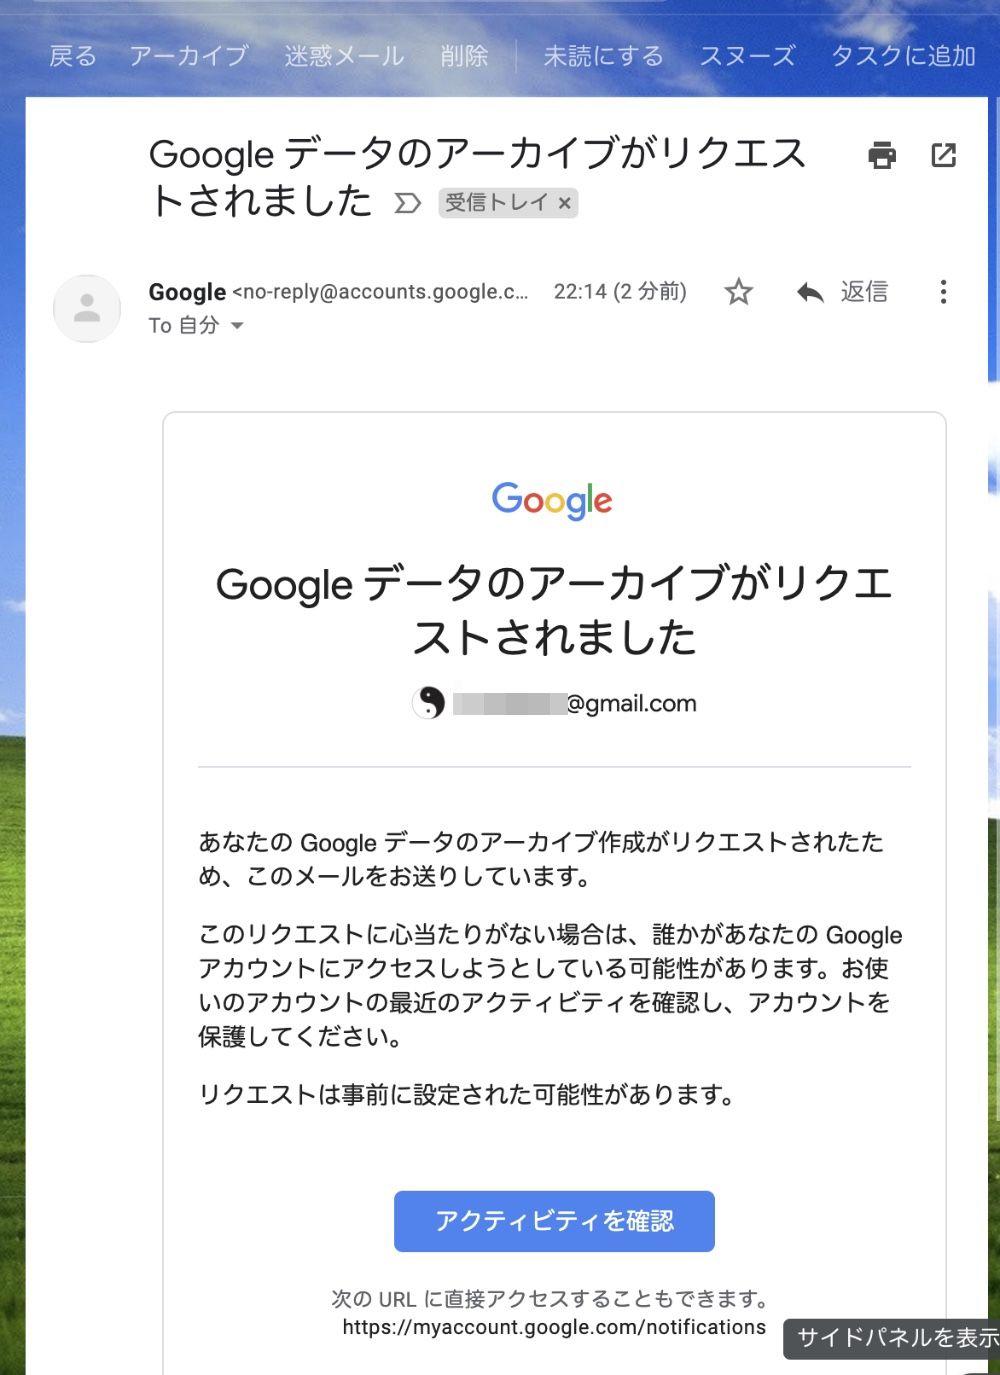 Googleデータのアーカイブがリクエストされました